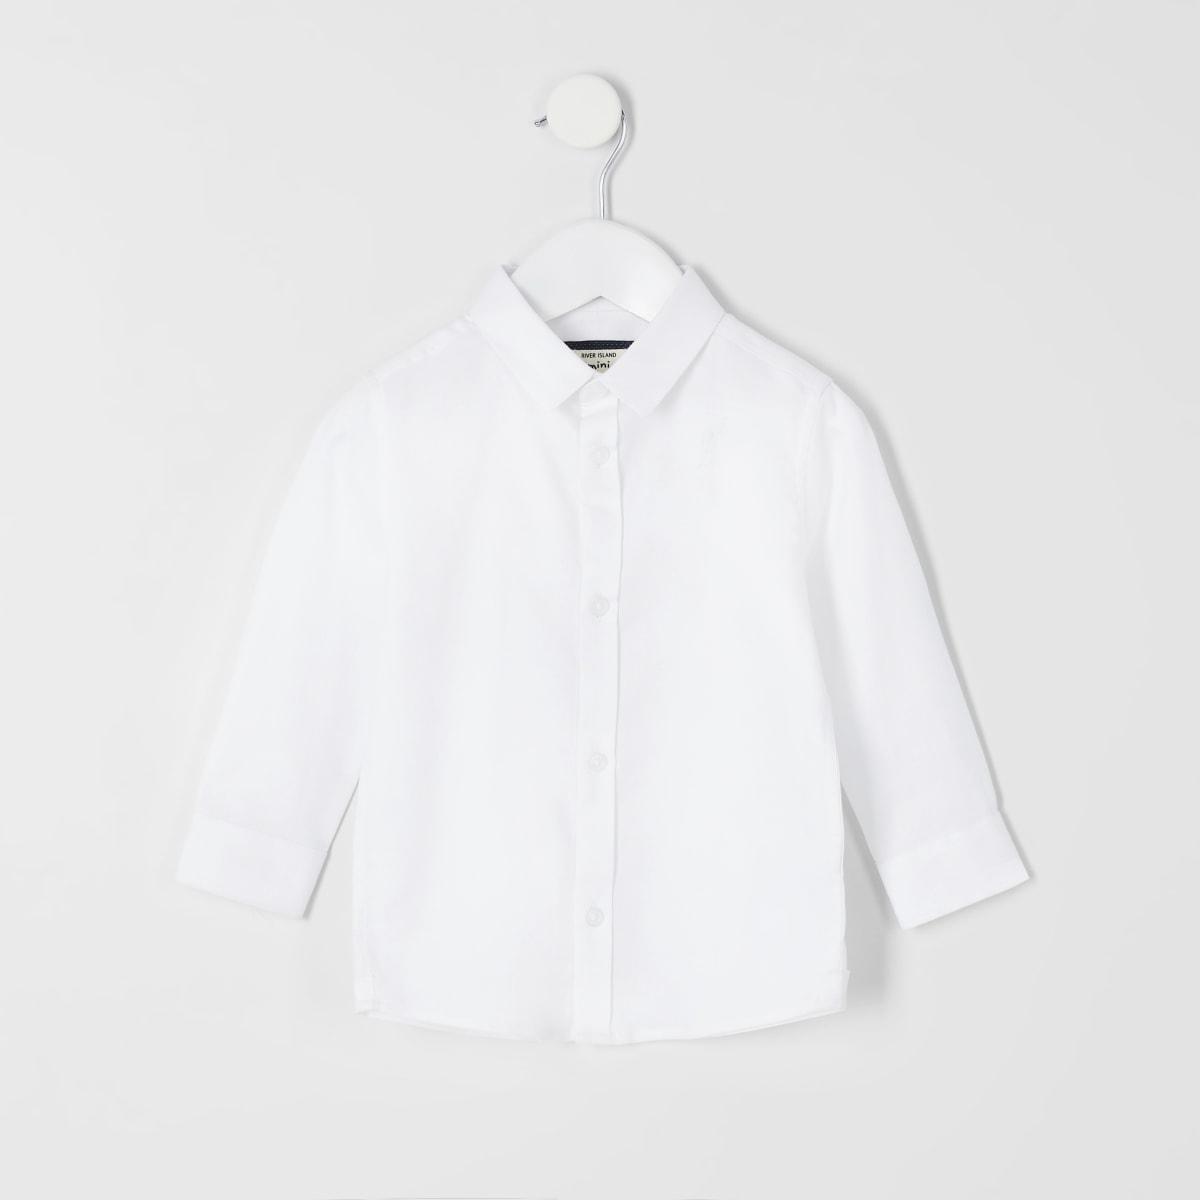 Weißes, langärmeliges Hemd mit RI-Logo